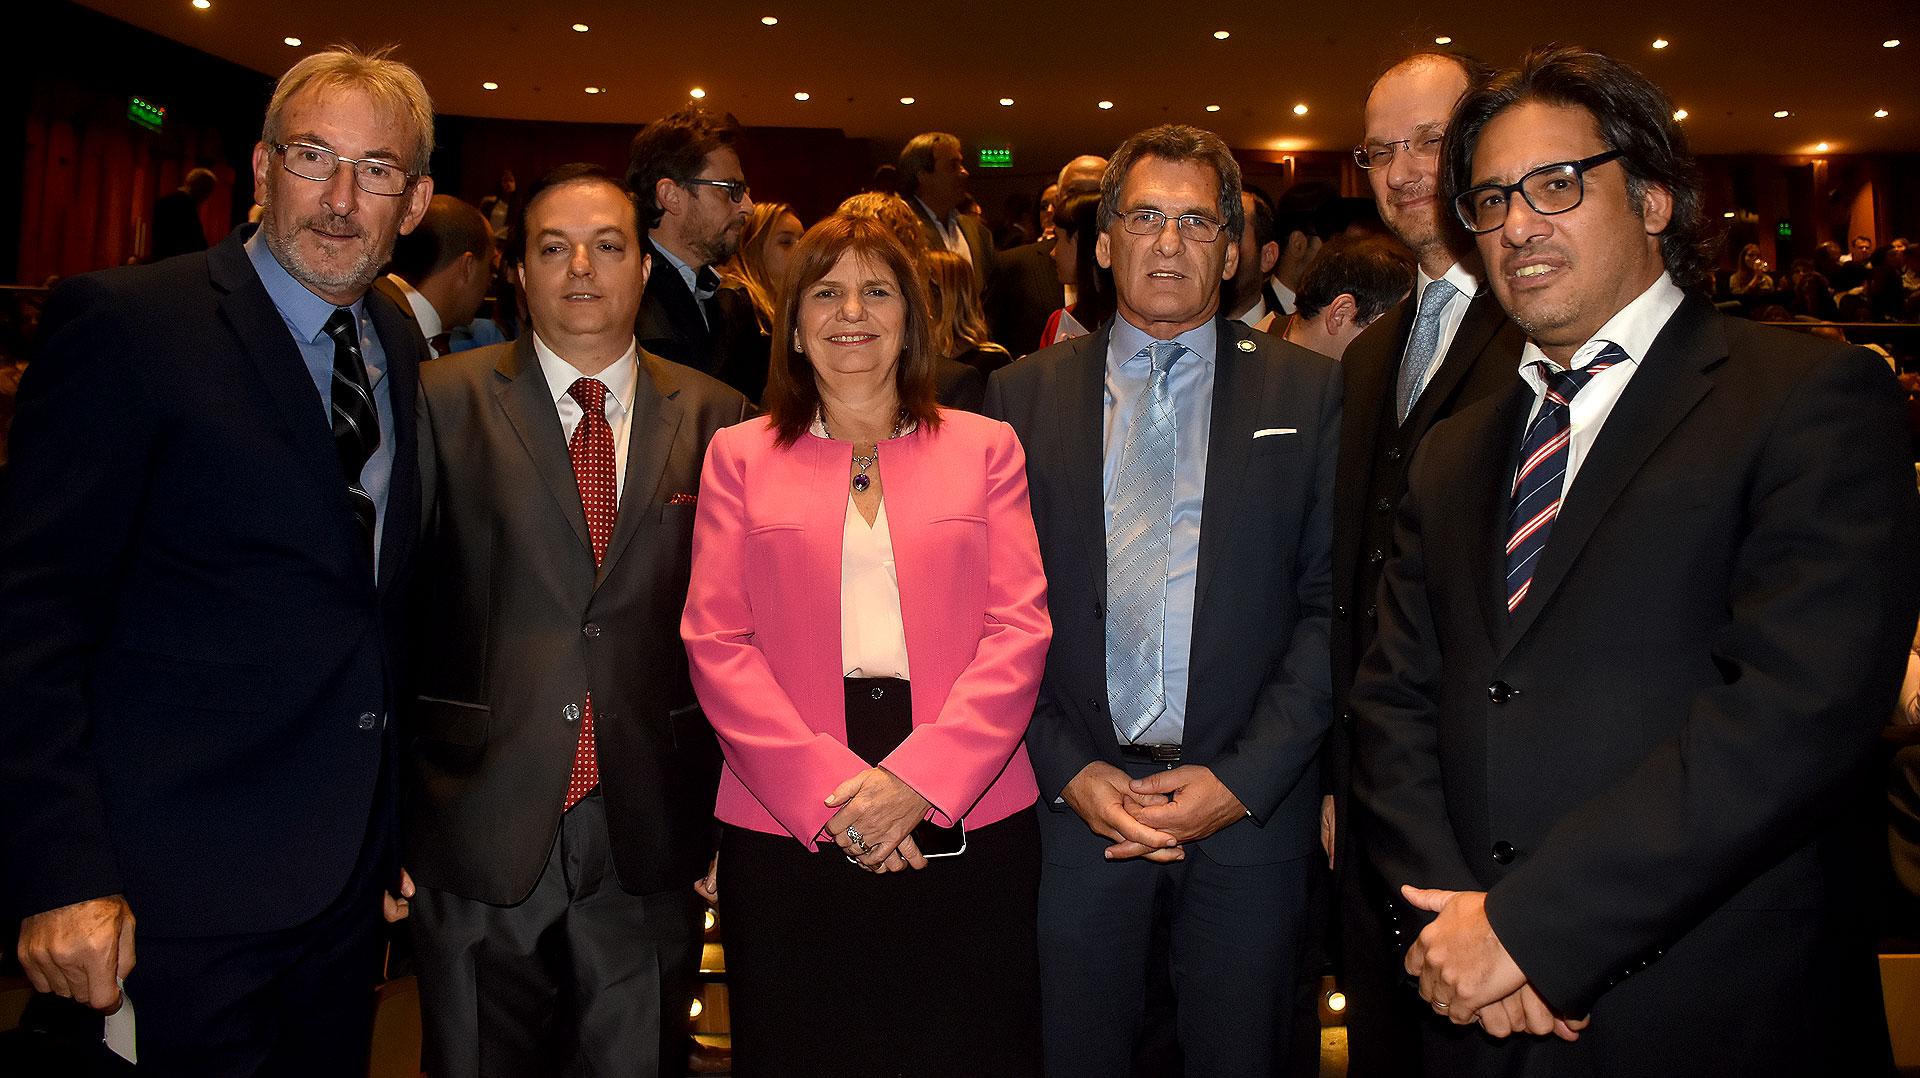 Guillermo Yanco, Ariel Cohen Sabban, Patricia Bullrich, Claudio Avruj (secretario de Derechos Humanos y Pluralismo Cultural) y Germán Garavano